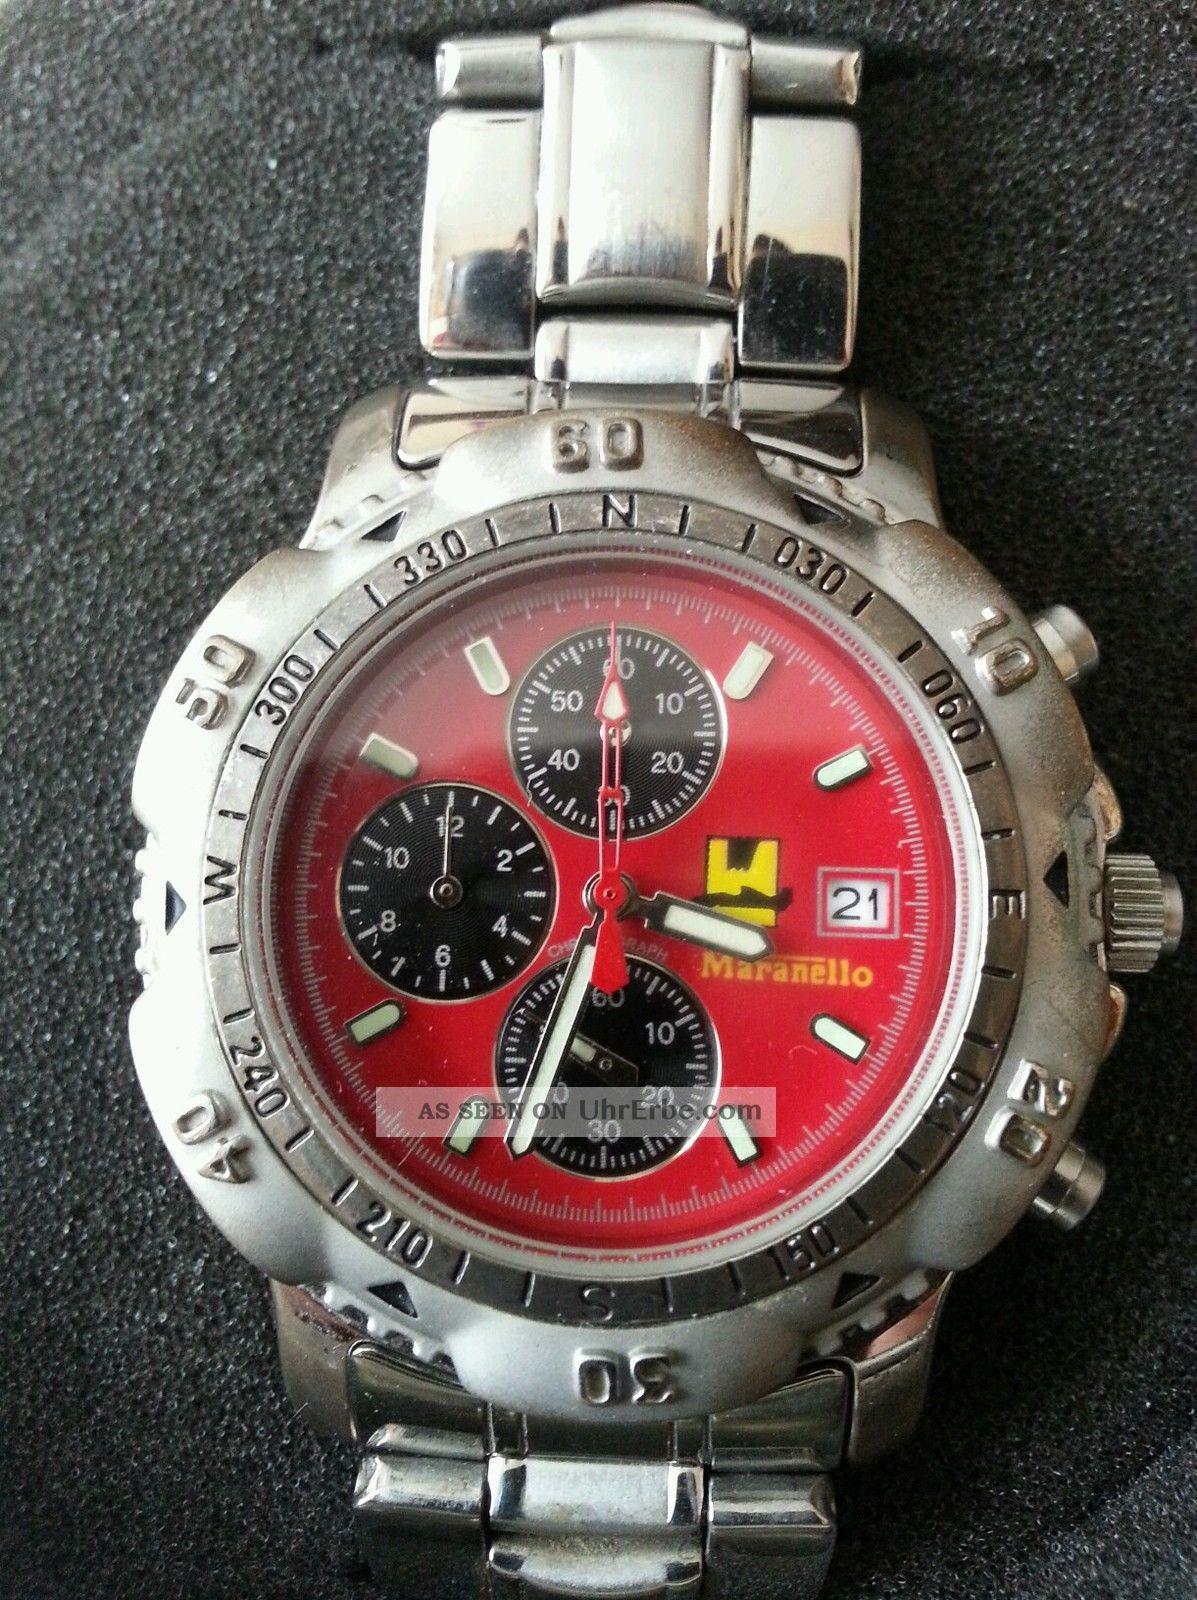 Ferrari Maranello Uhr Sehr Schik Armbanduhren Bild